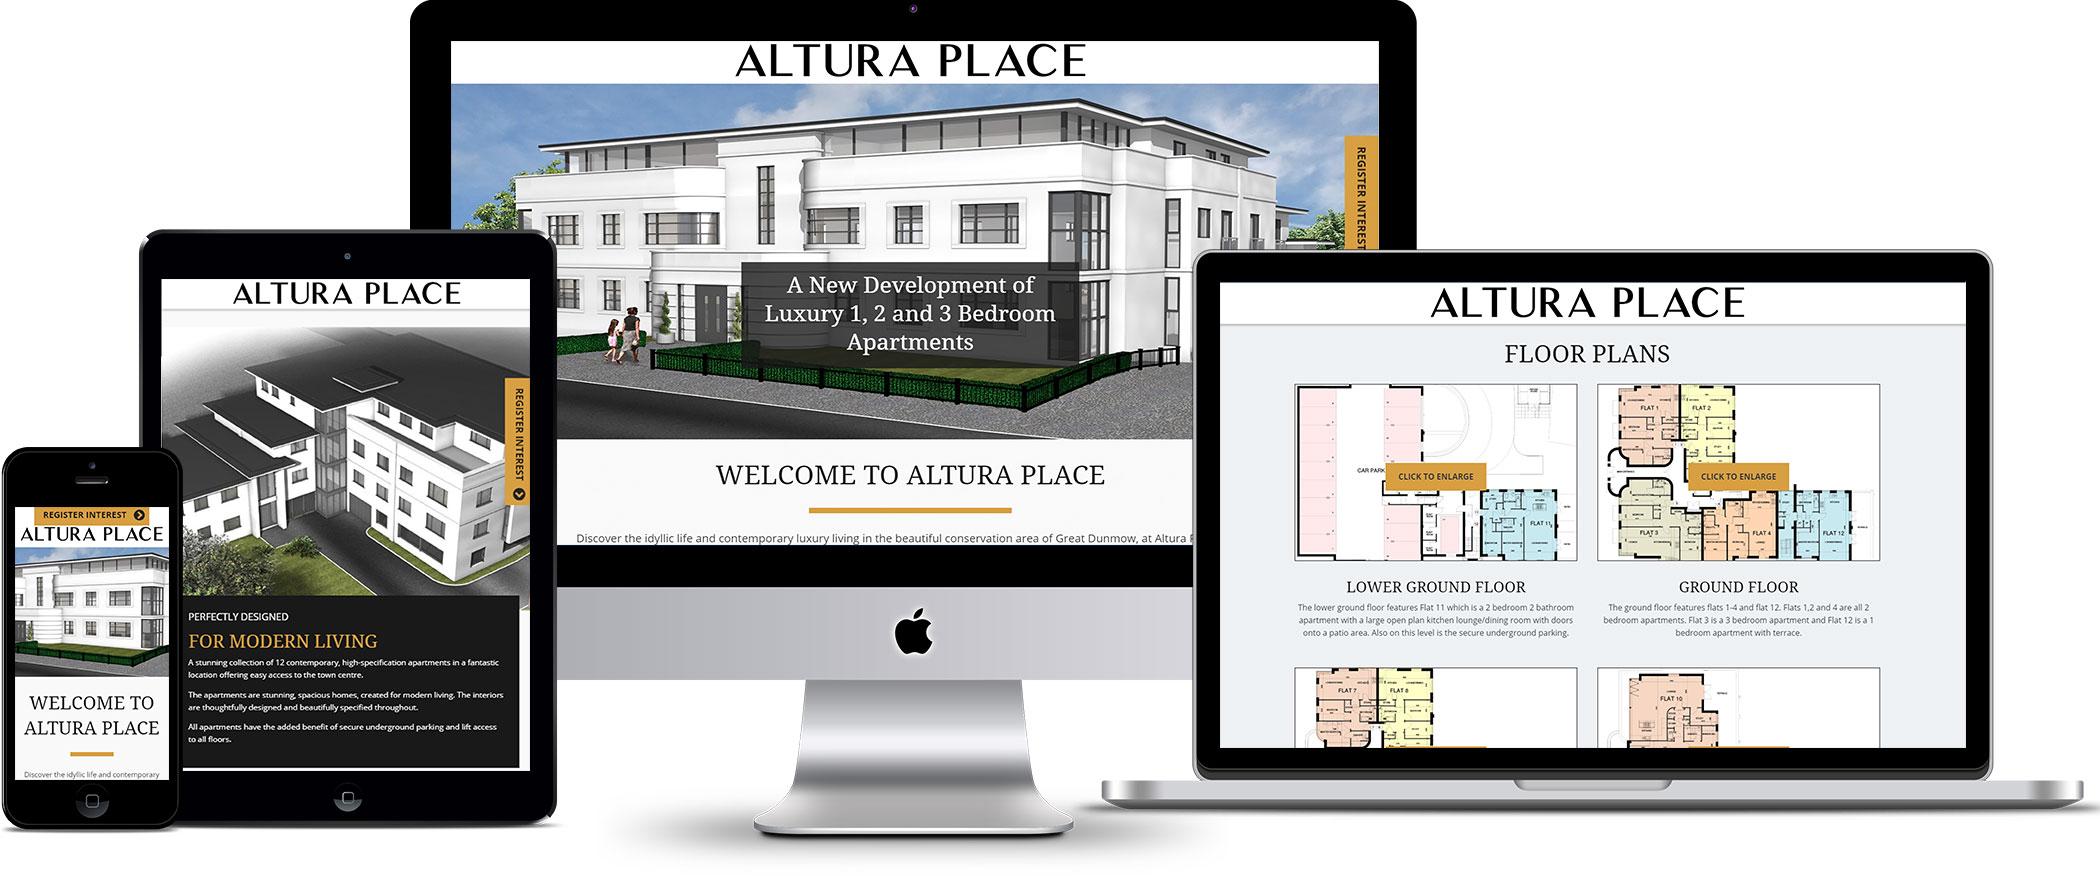 Altura Place